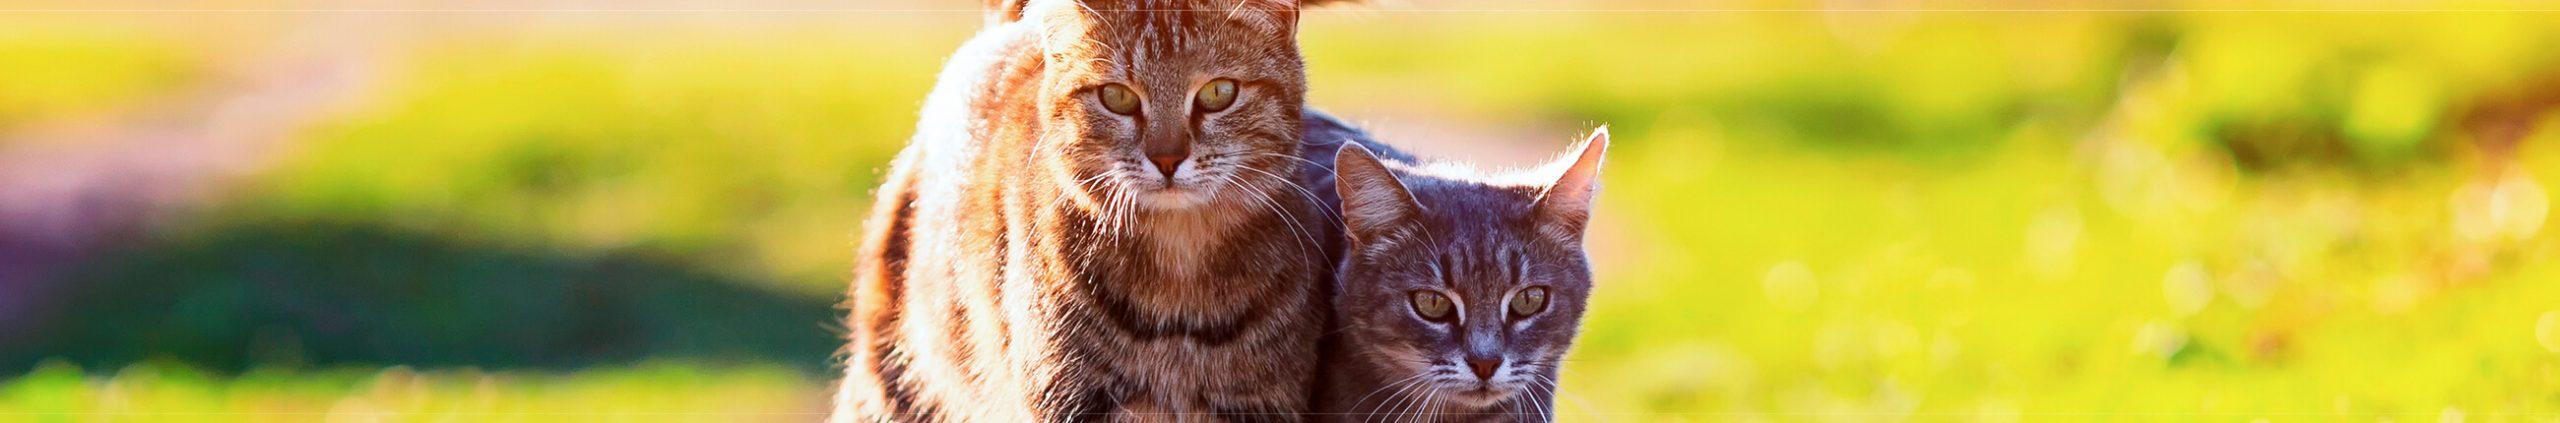 ¿Un segundo gato en casa? Recíbelo adecuadamente